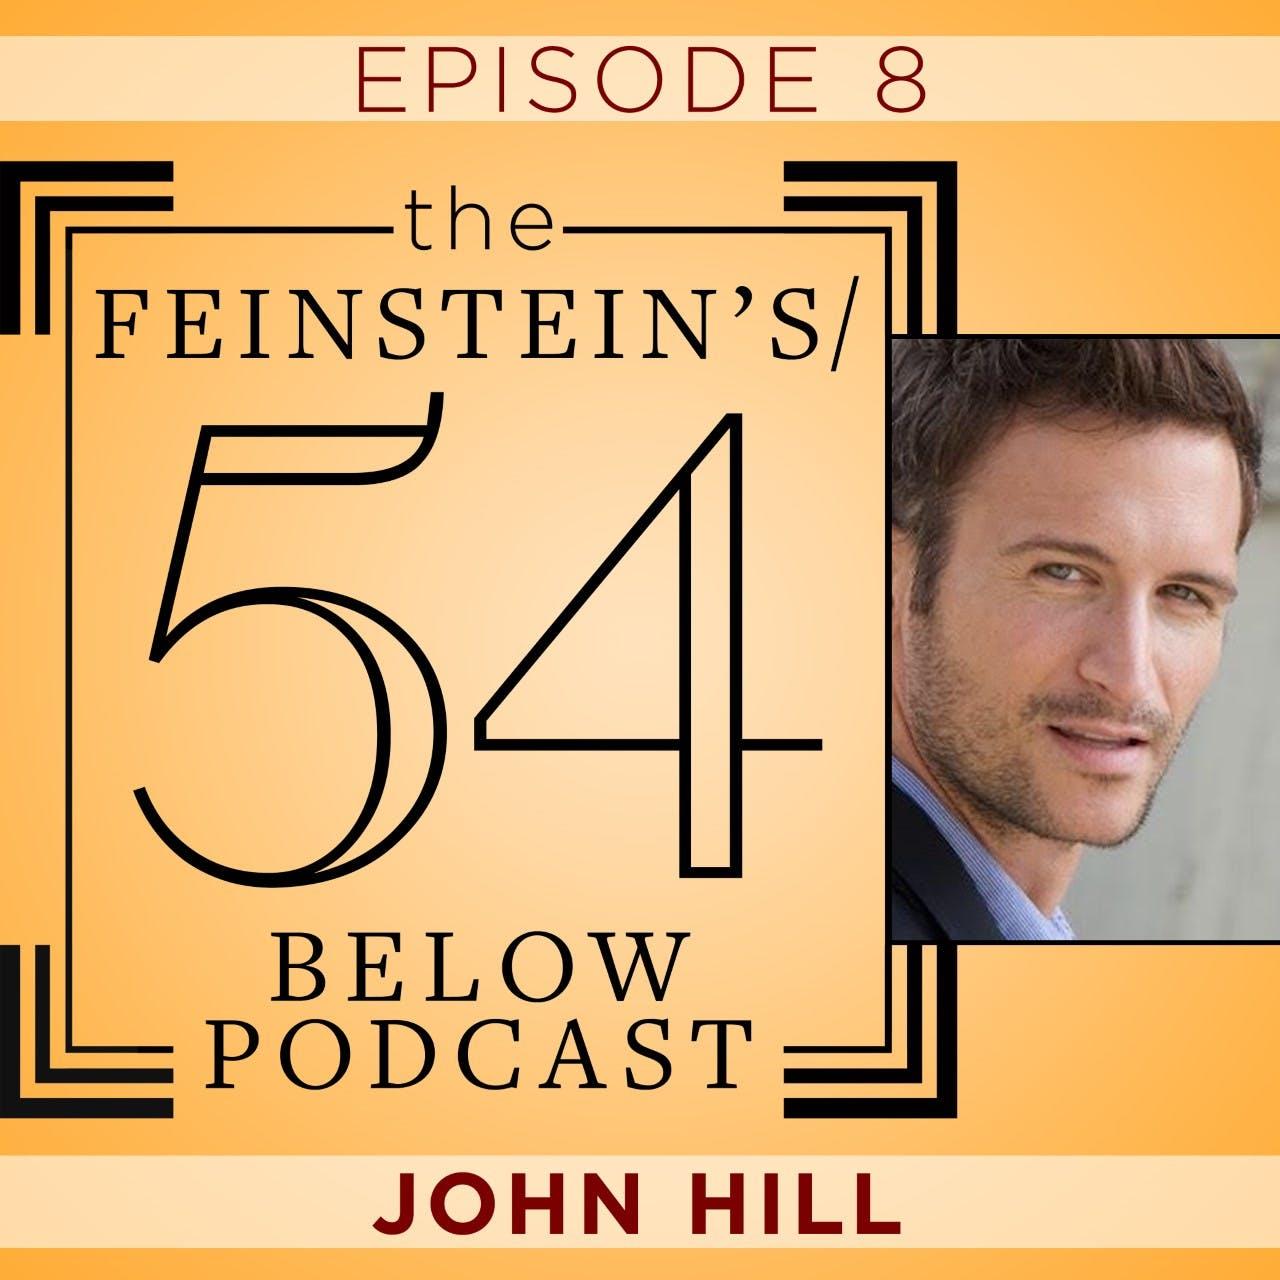 Episode 8: JOHN HILL